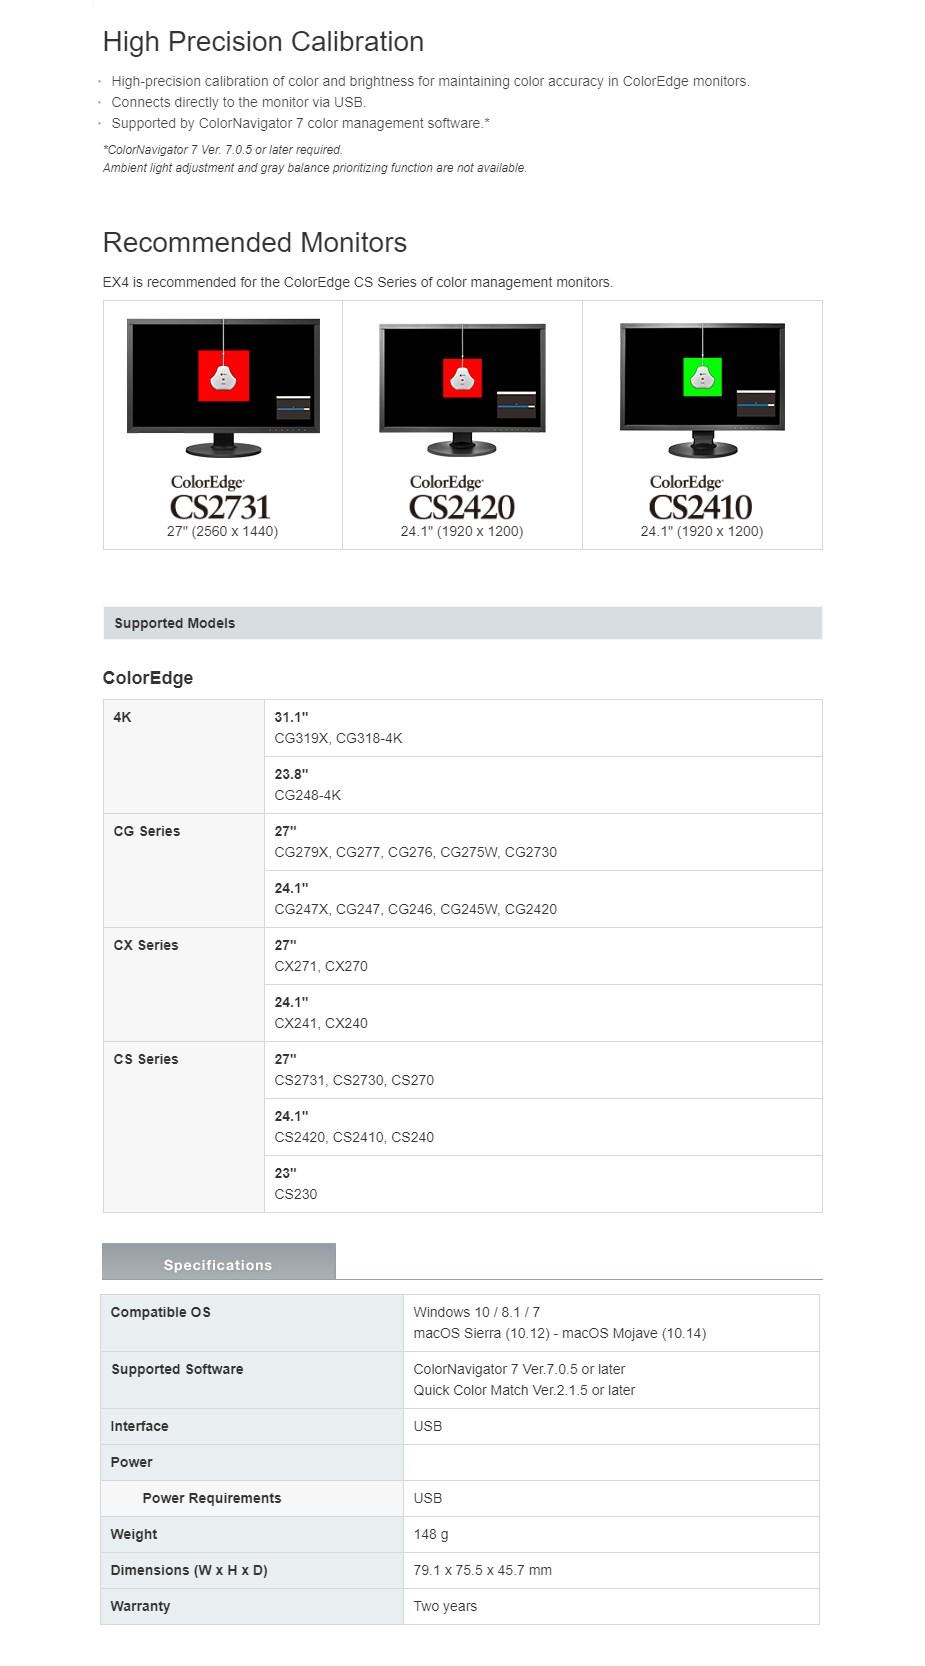 Eizo EX4 Calibration Sensor for ColorEdge Monitors - Overview 1